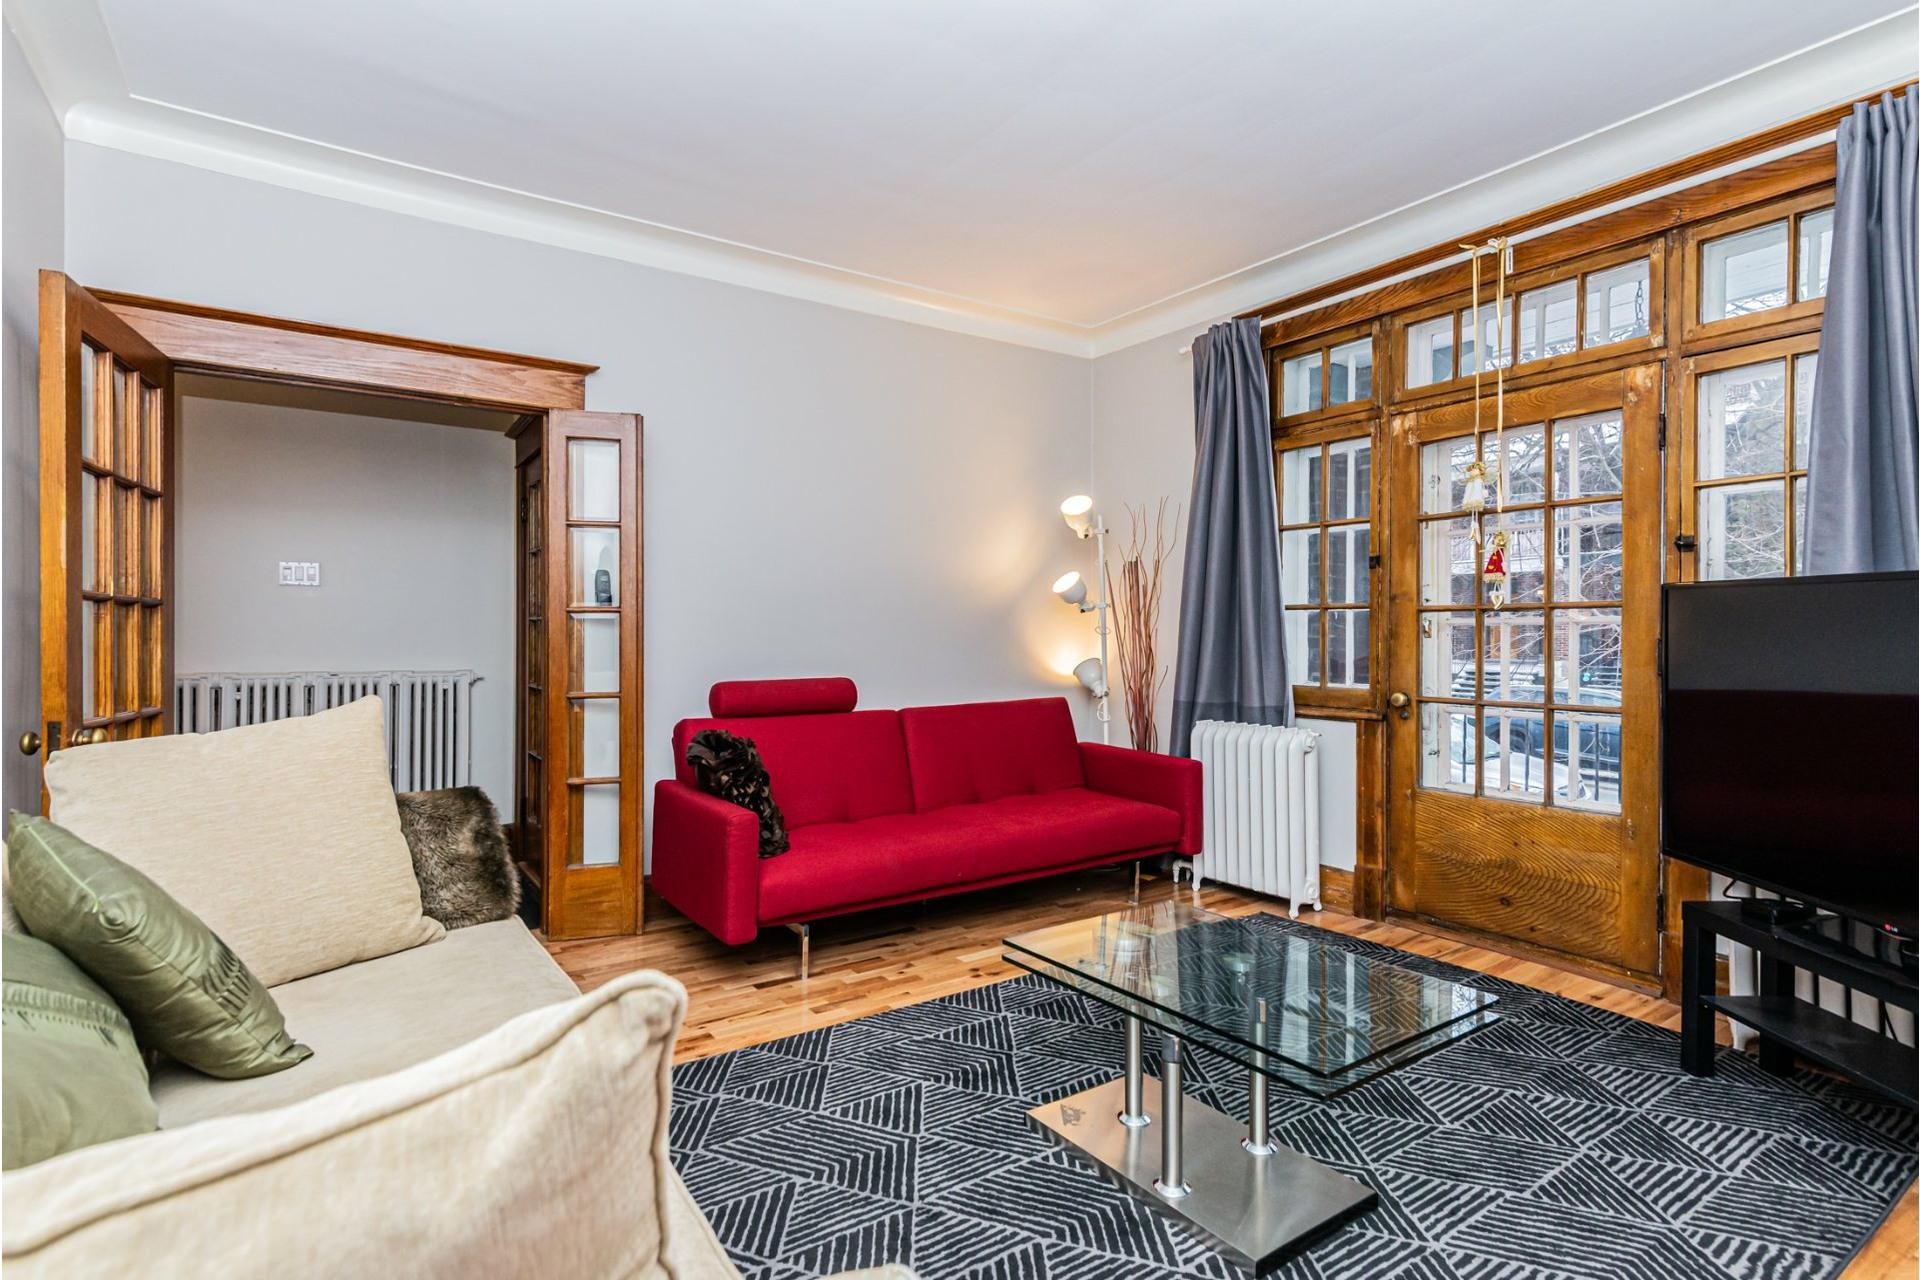 image 3 - Apartment For sale Côte-des-Neiges/Notre-Dame-de-Grâce Montréal  - 9 rooms